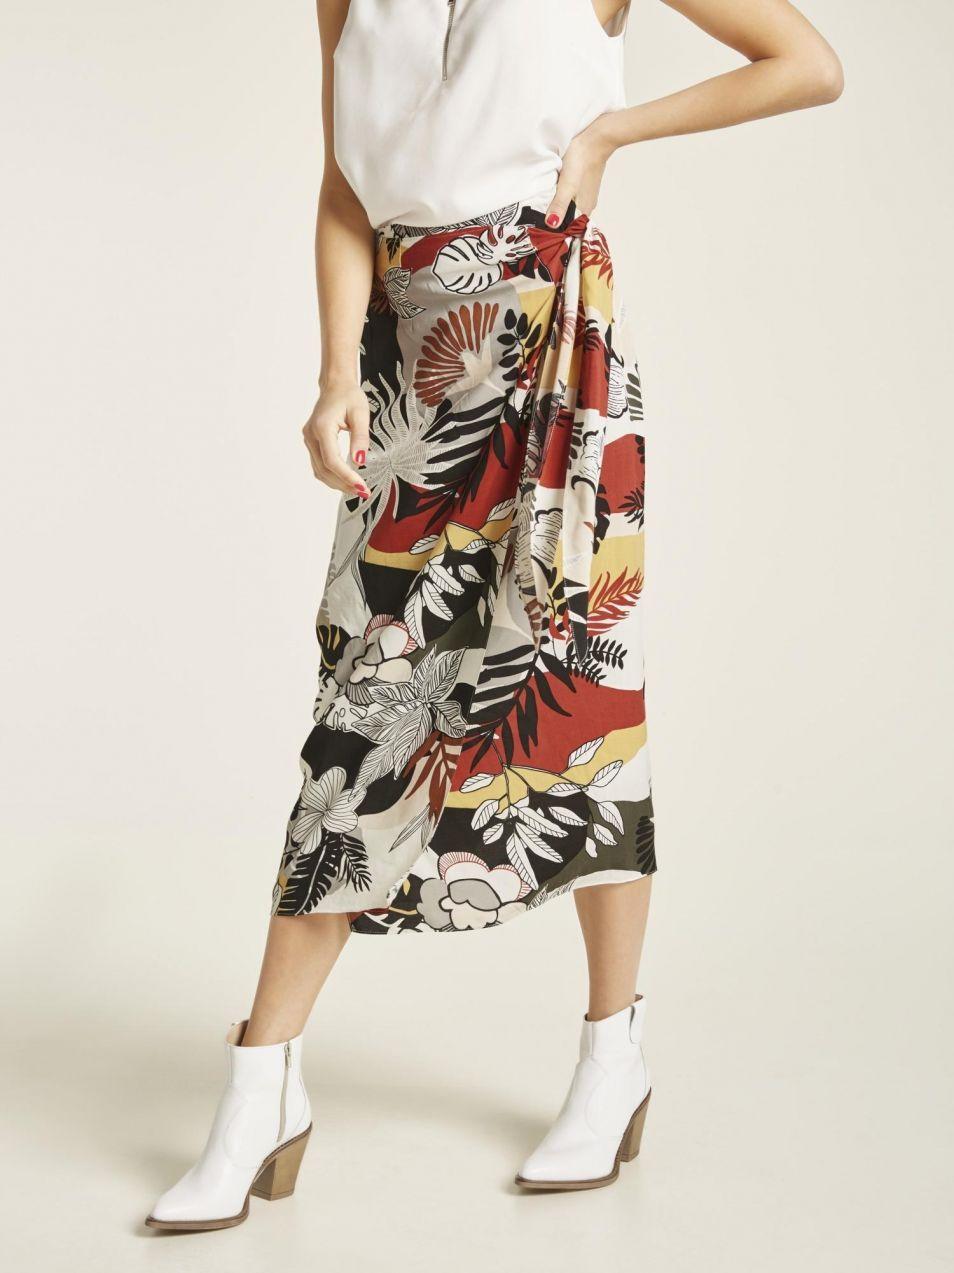 e629f845bb97 heine STYLE Vzorovaná sukňa heine značky HEINE - Lovely.sk